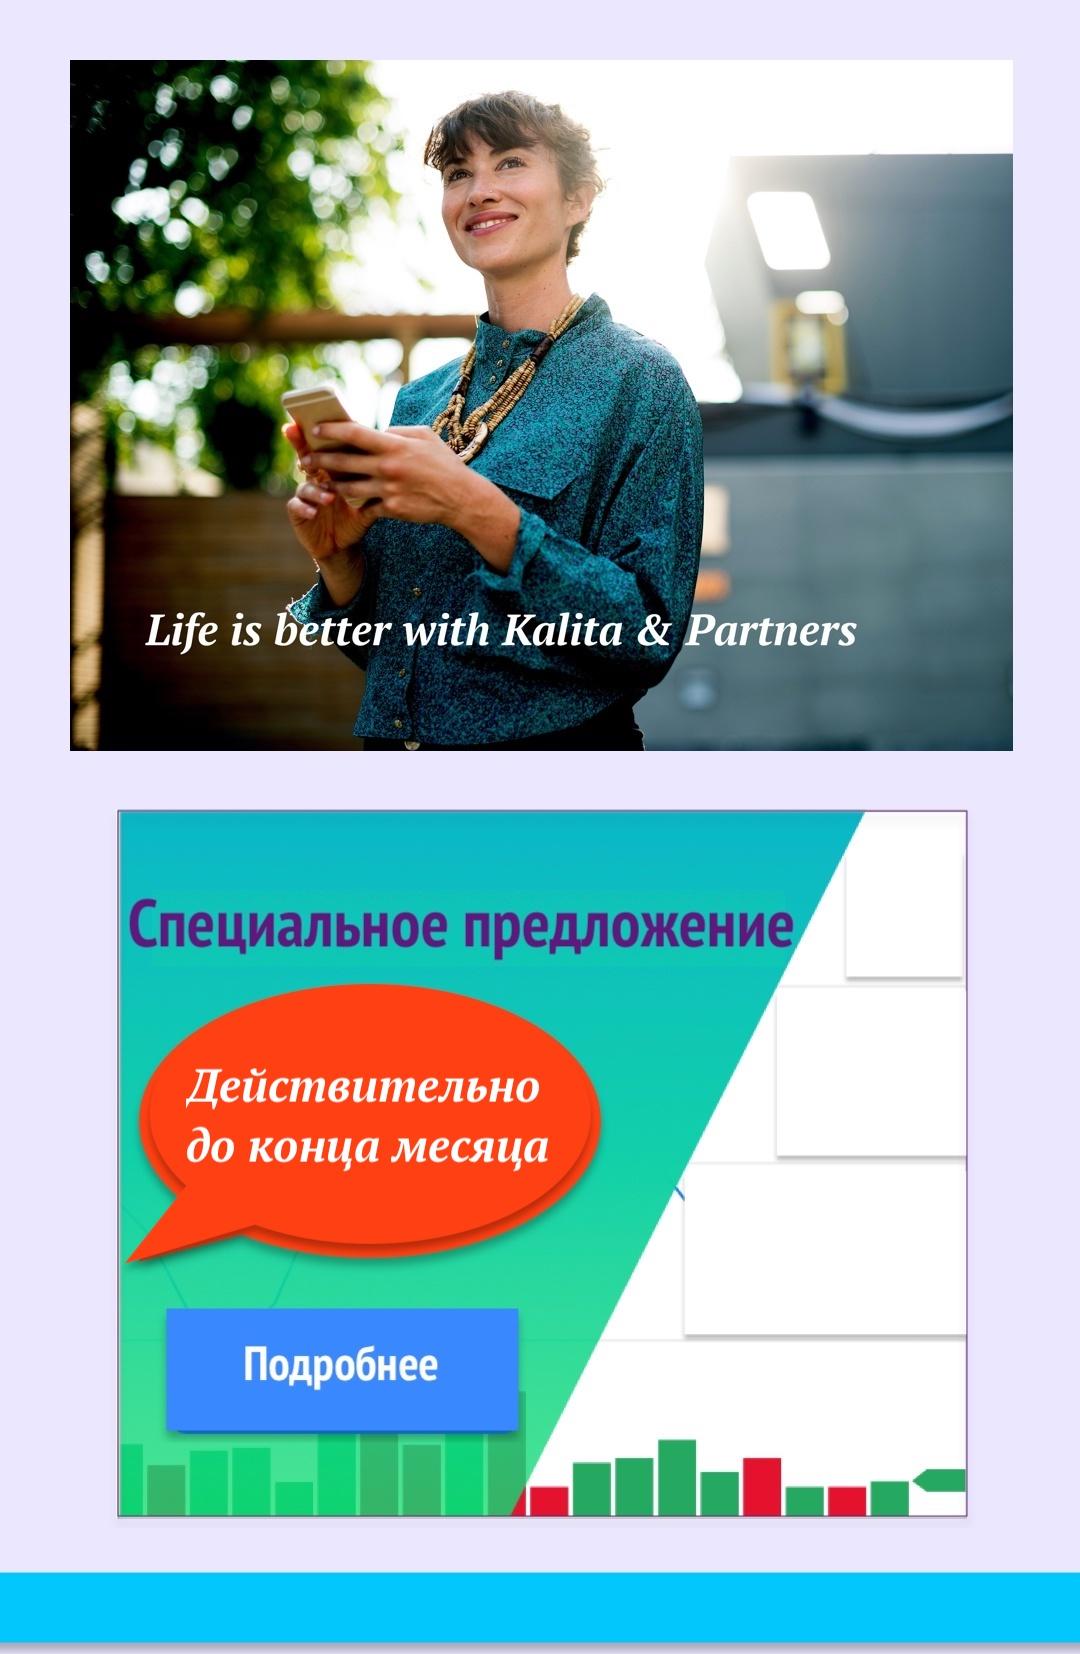 Kalita Link